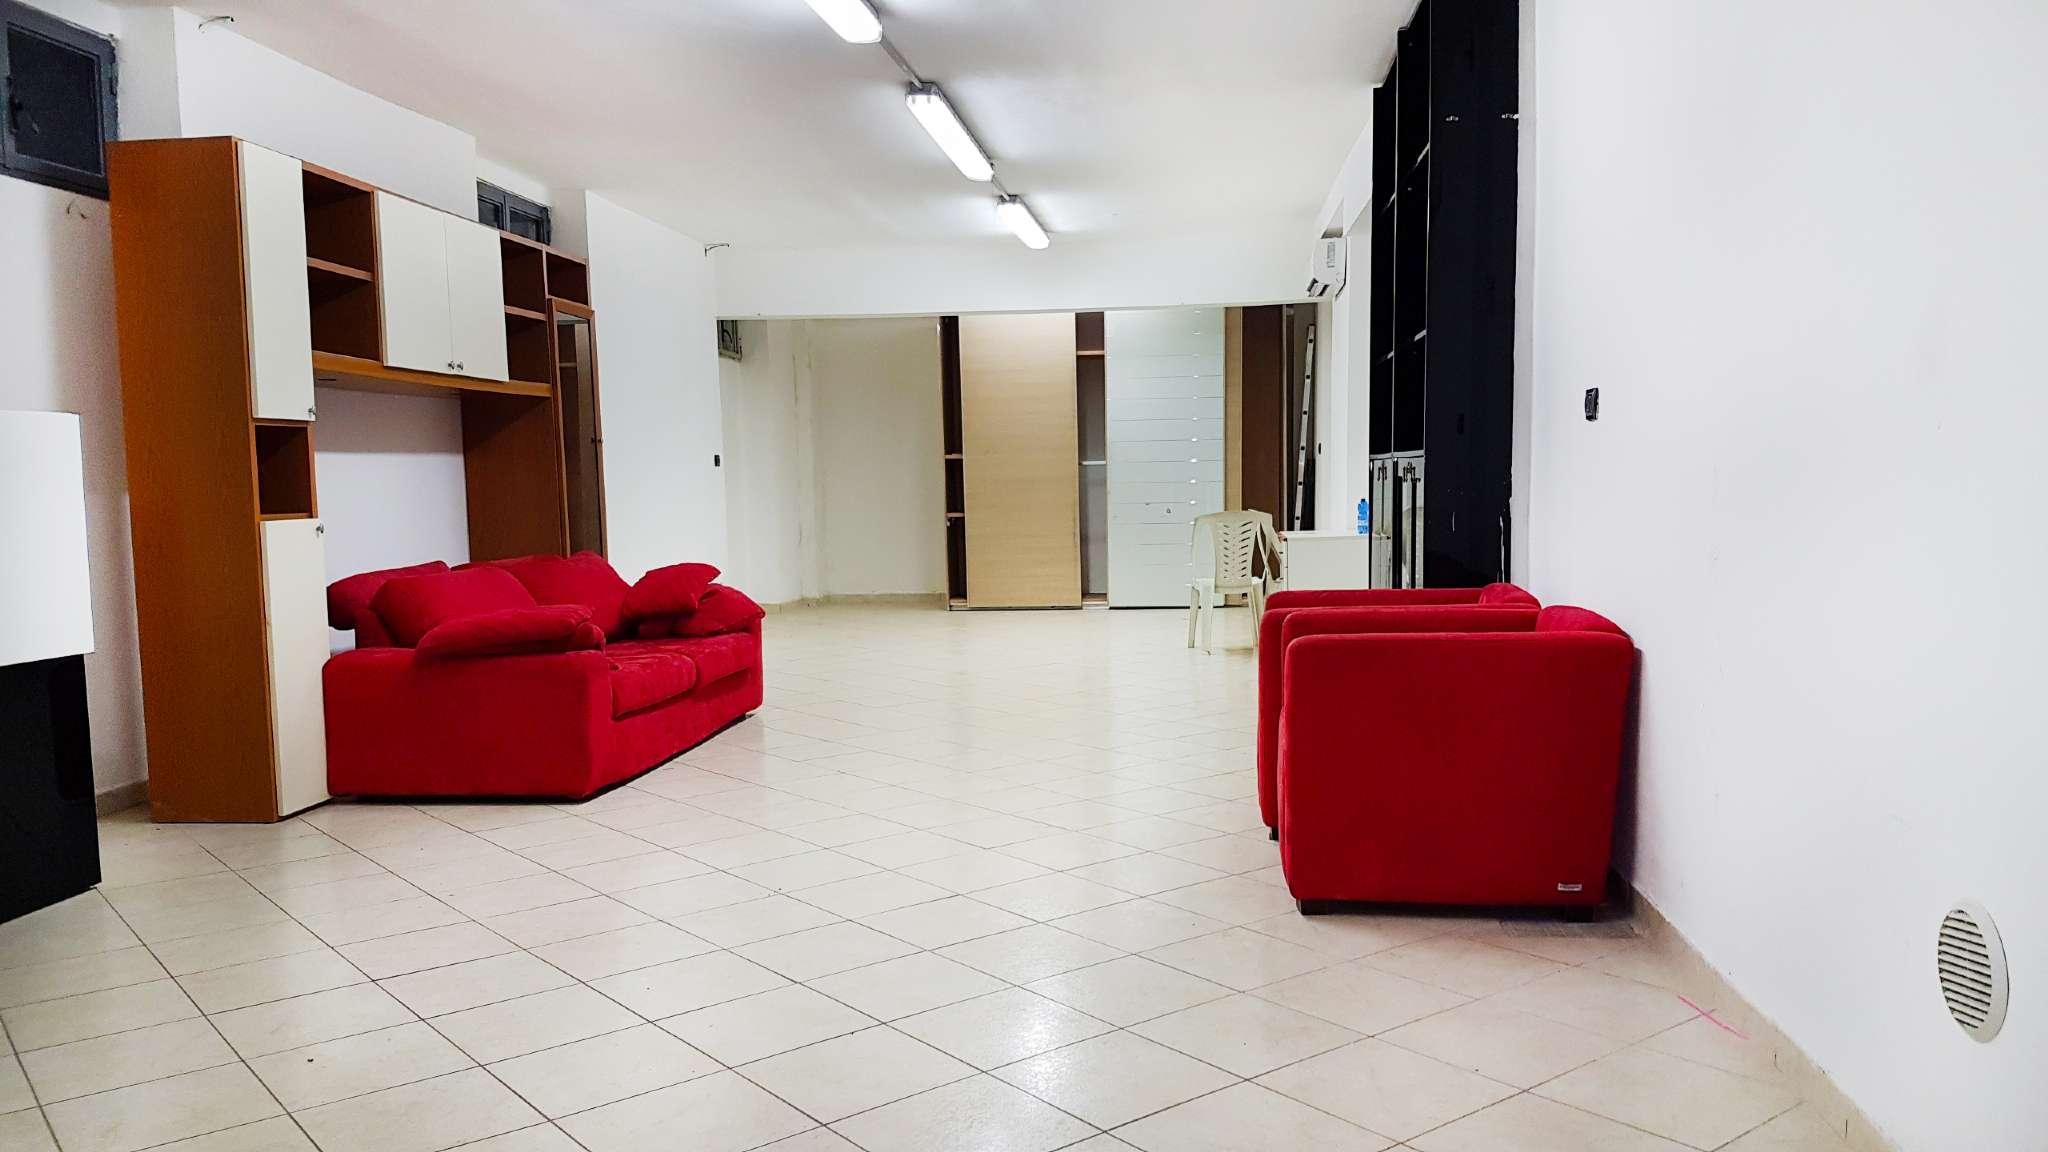 Laboratorio in Vendita a Milano 30 Niguarda / Bovisasca / Testi / Bruzzano / Affori / Comasina: 120 mq